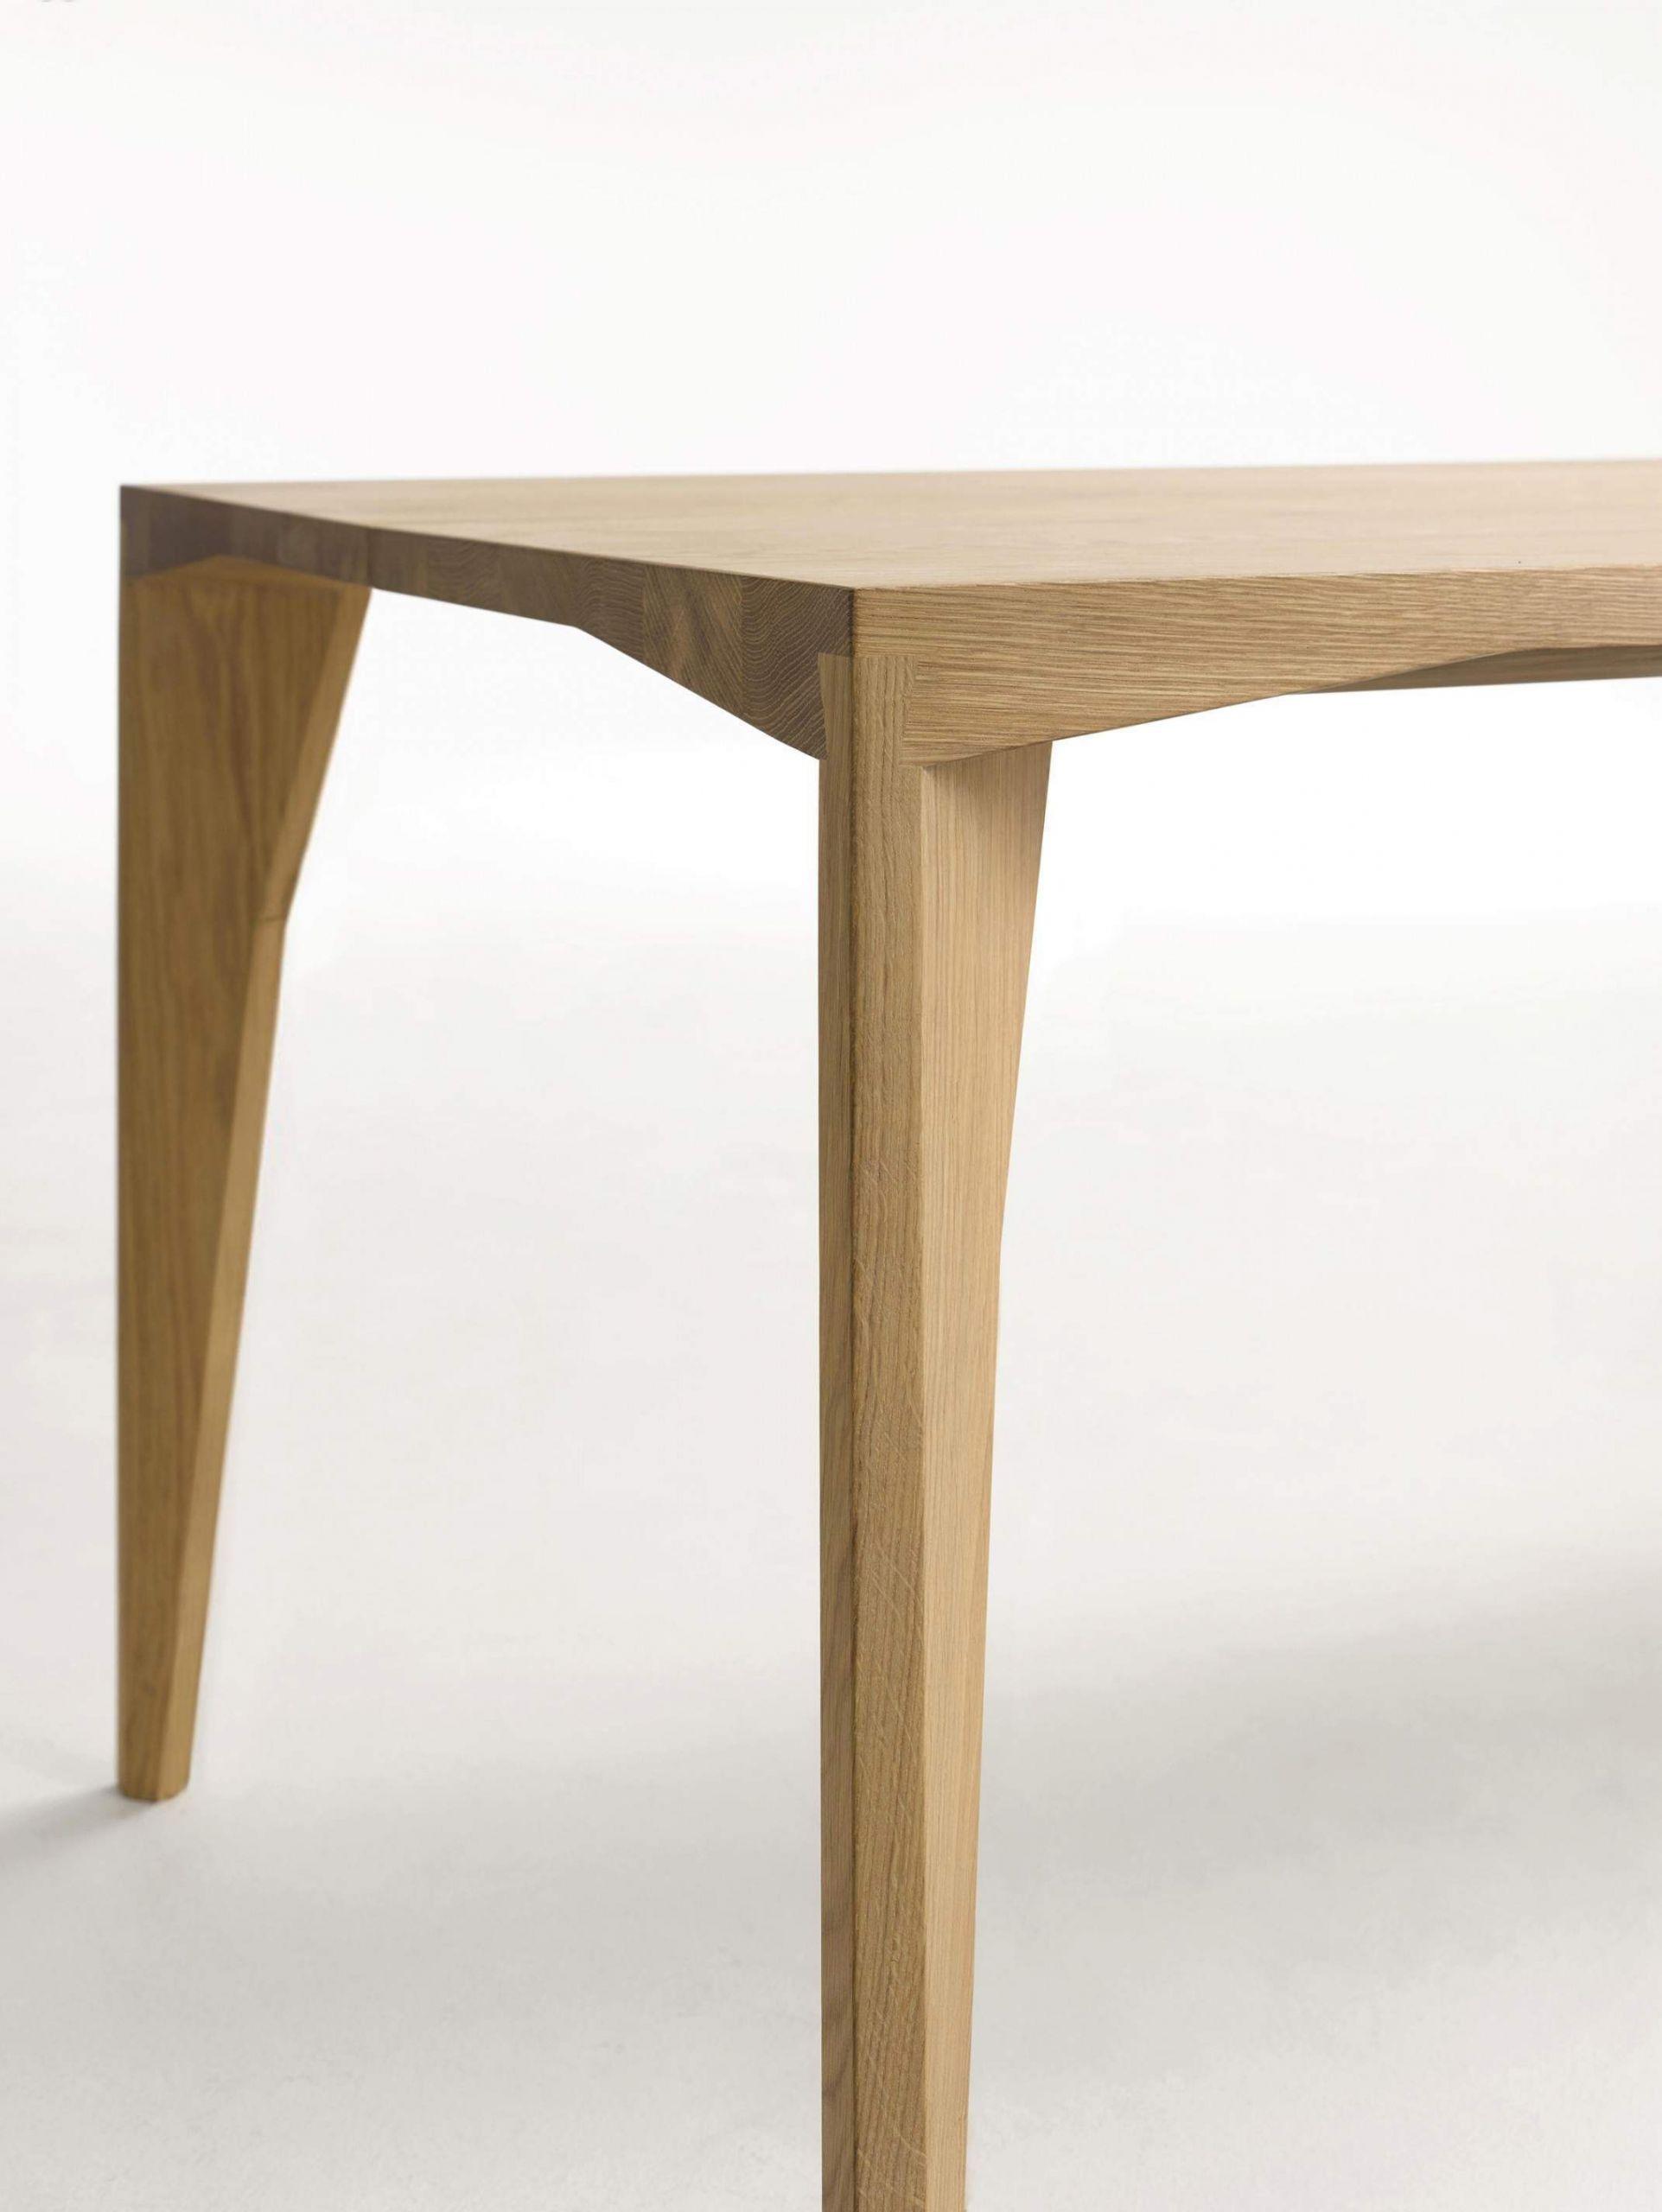 Full Size of Ikea Tisch Wohnzimmer Inspirierend Genial Glastische Betten Bei Küche Kosten Modulküche Kaufen Miniküche Sofa Mit Schlaffunktion 160x200 Wohnzimmer Ikea Gartentisch